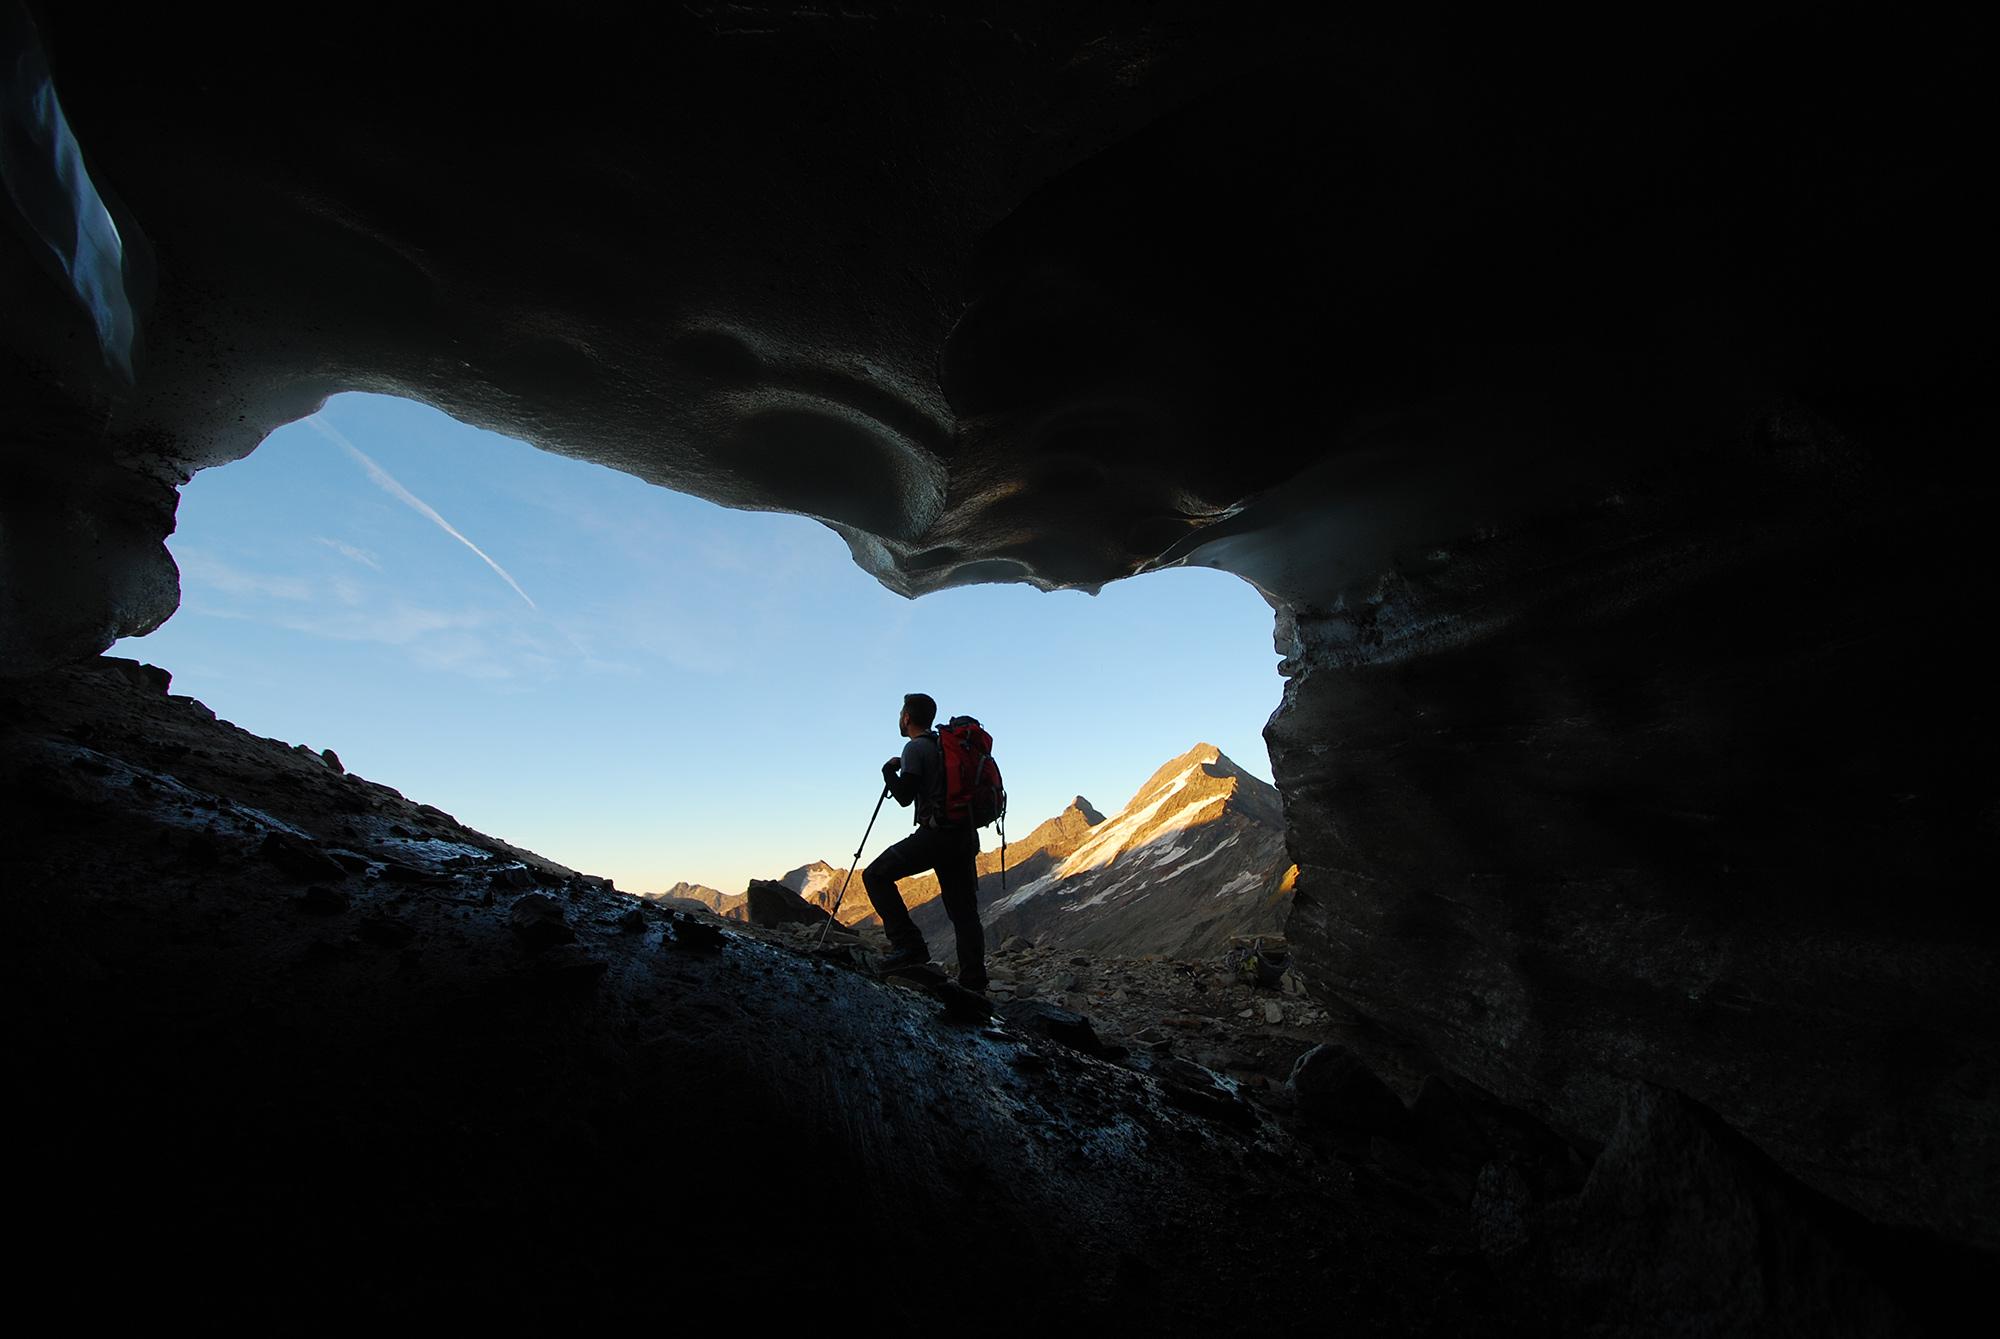 Am Rande des Gletschers hat man einen fantastischen Blick auf die 3496 Meter hohe Rötspitze.